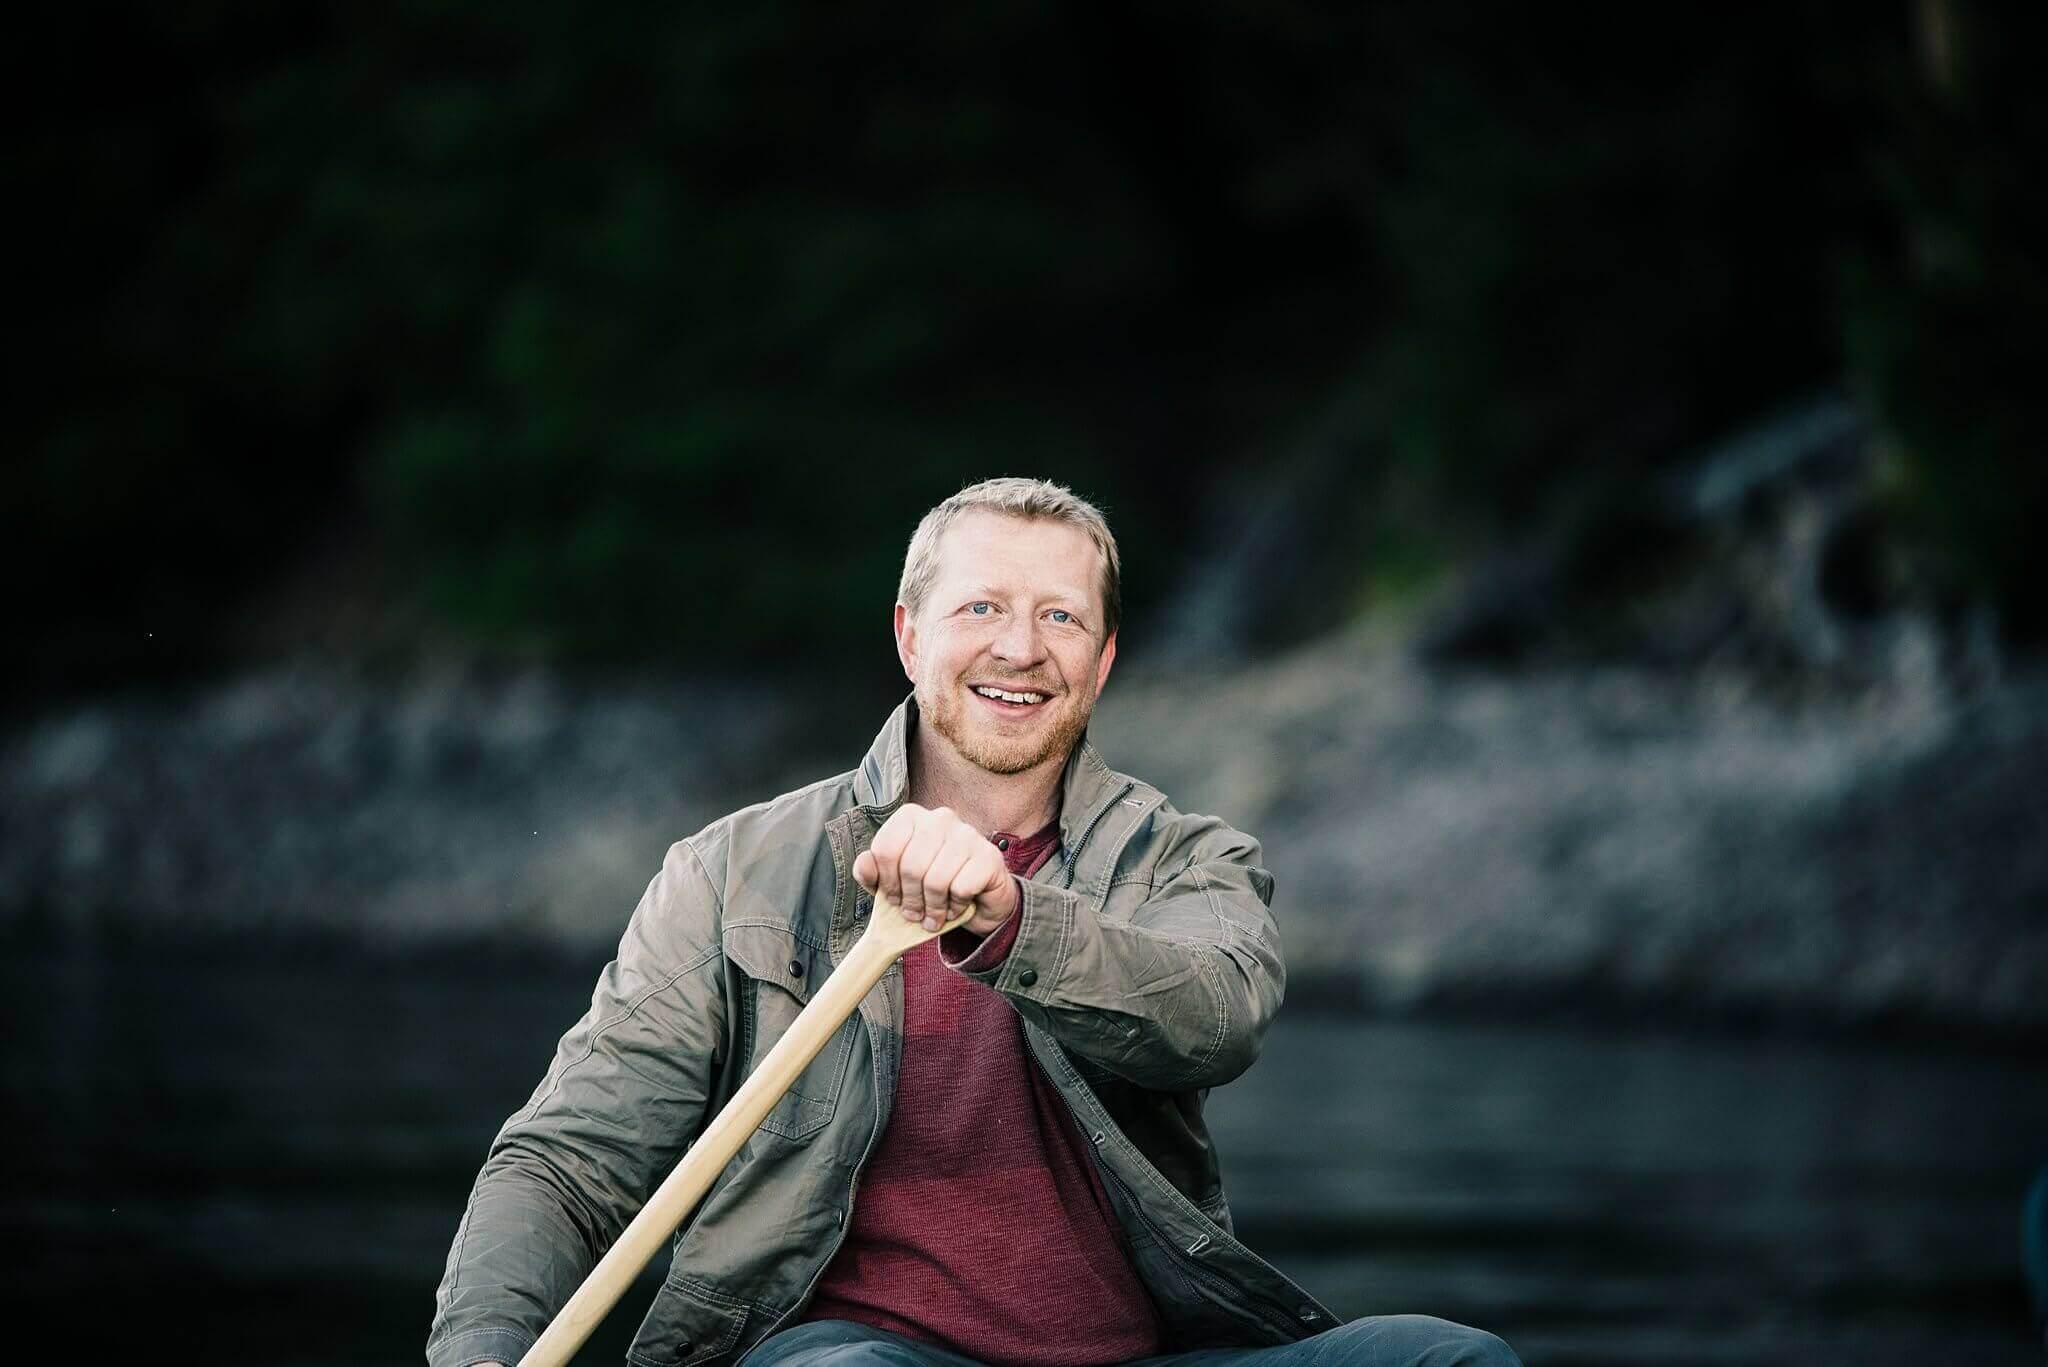 Canoe-Lake-Adventure-Engagement-Session-Oregon-Lemolo-S-Photography_0016.jpg